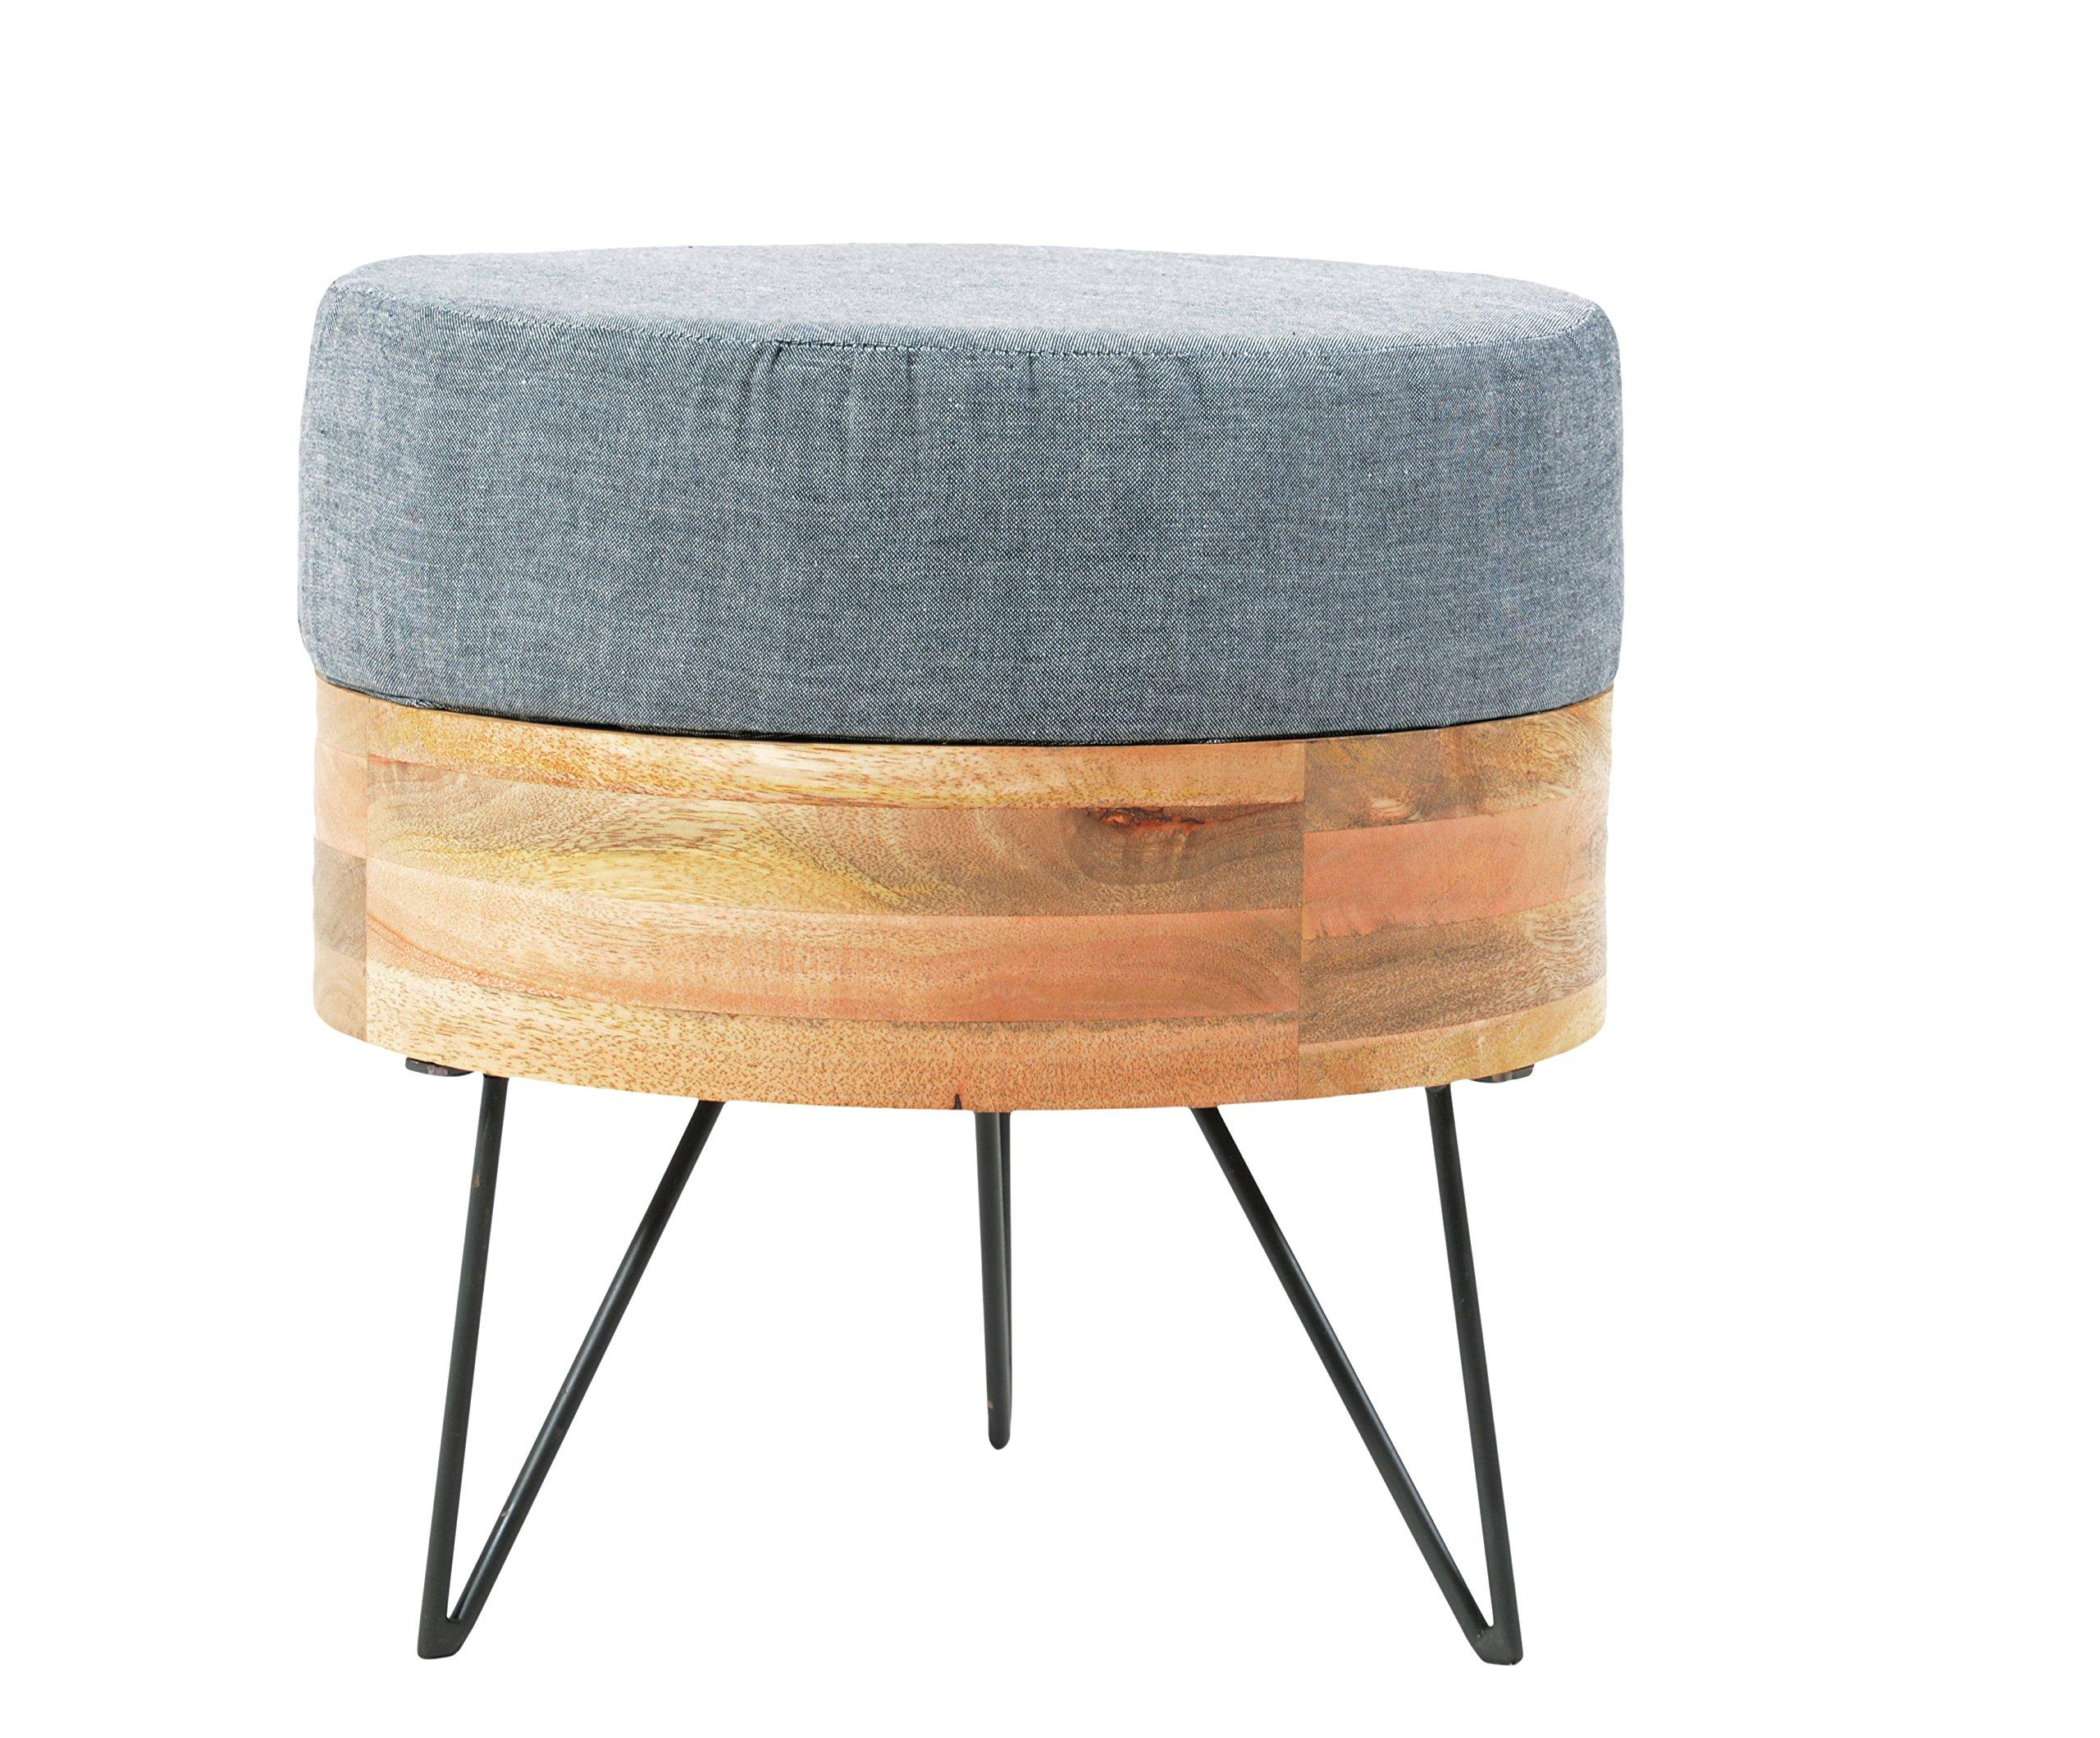 World Modern Design BZ-1025-24 Round Pouf, Natural by World Modern Design (Image #1)